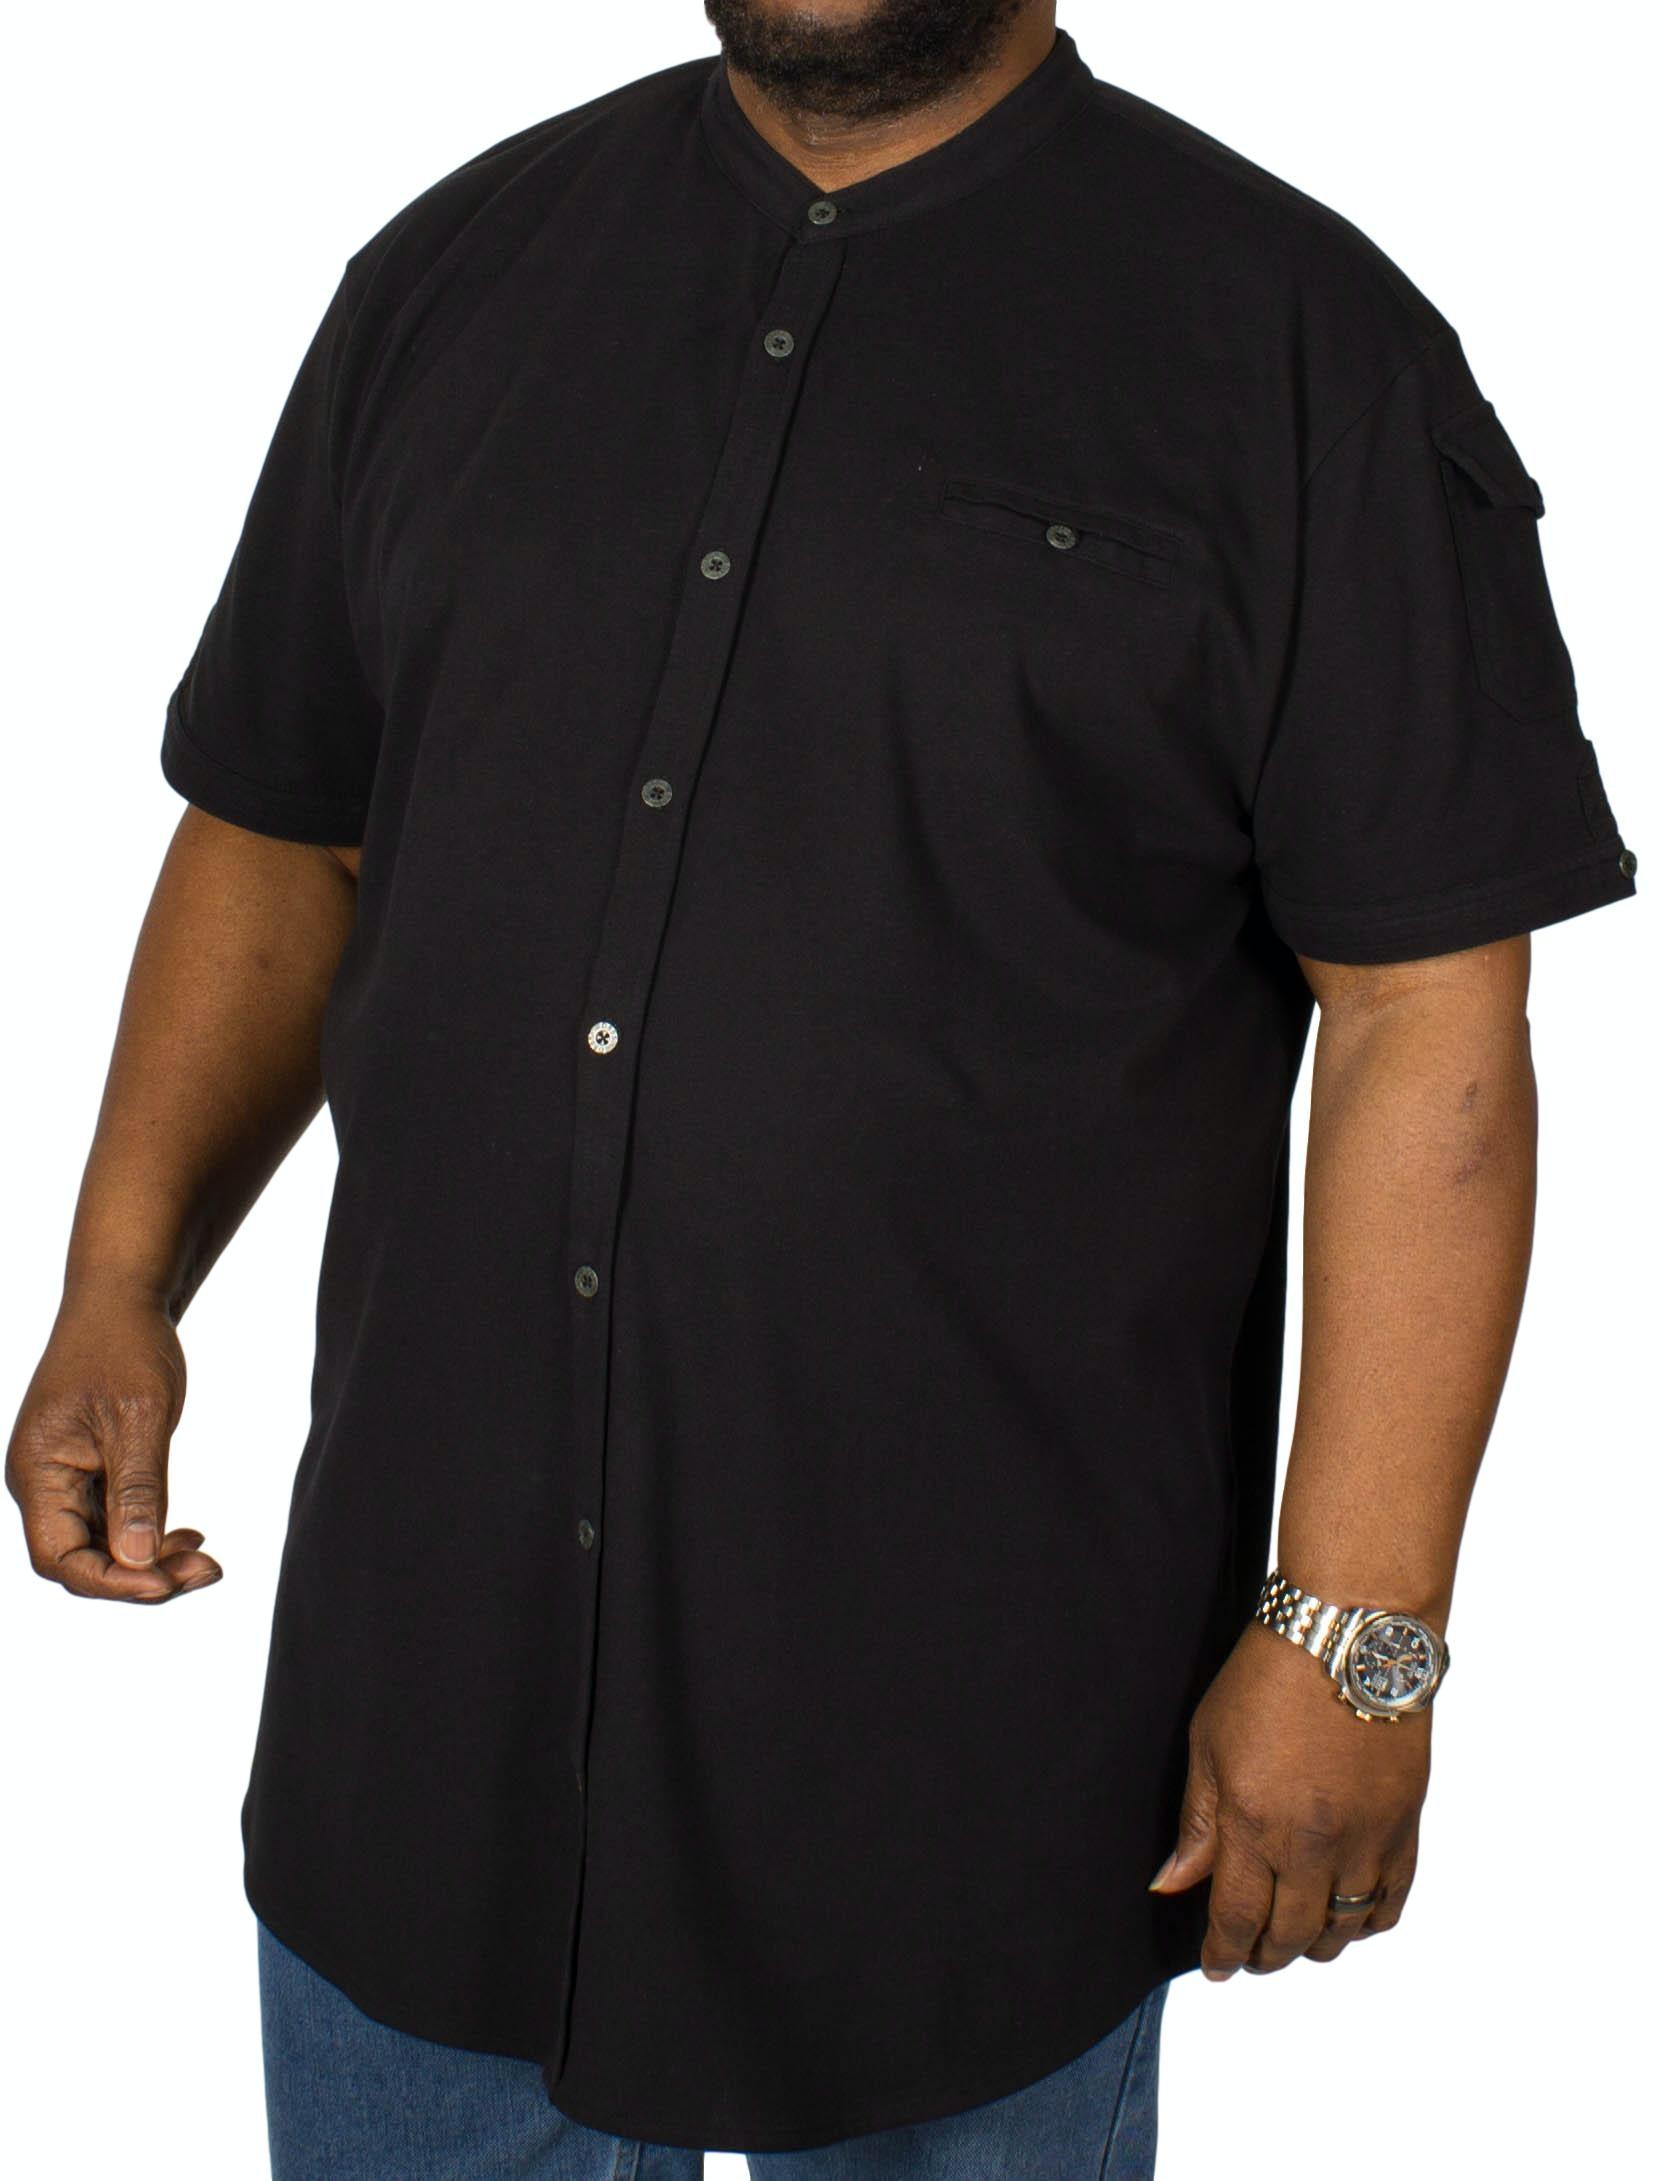 D555 Archer Pique Short Sleeve Shirt Black